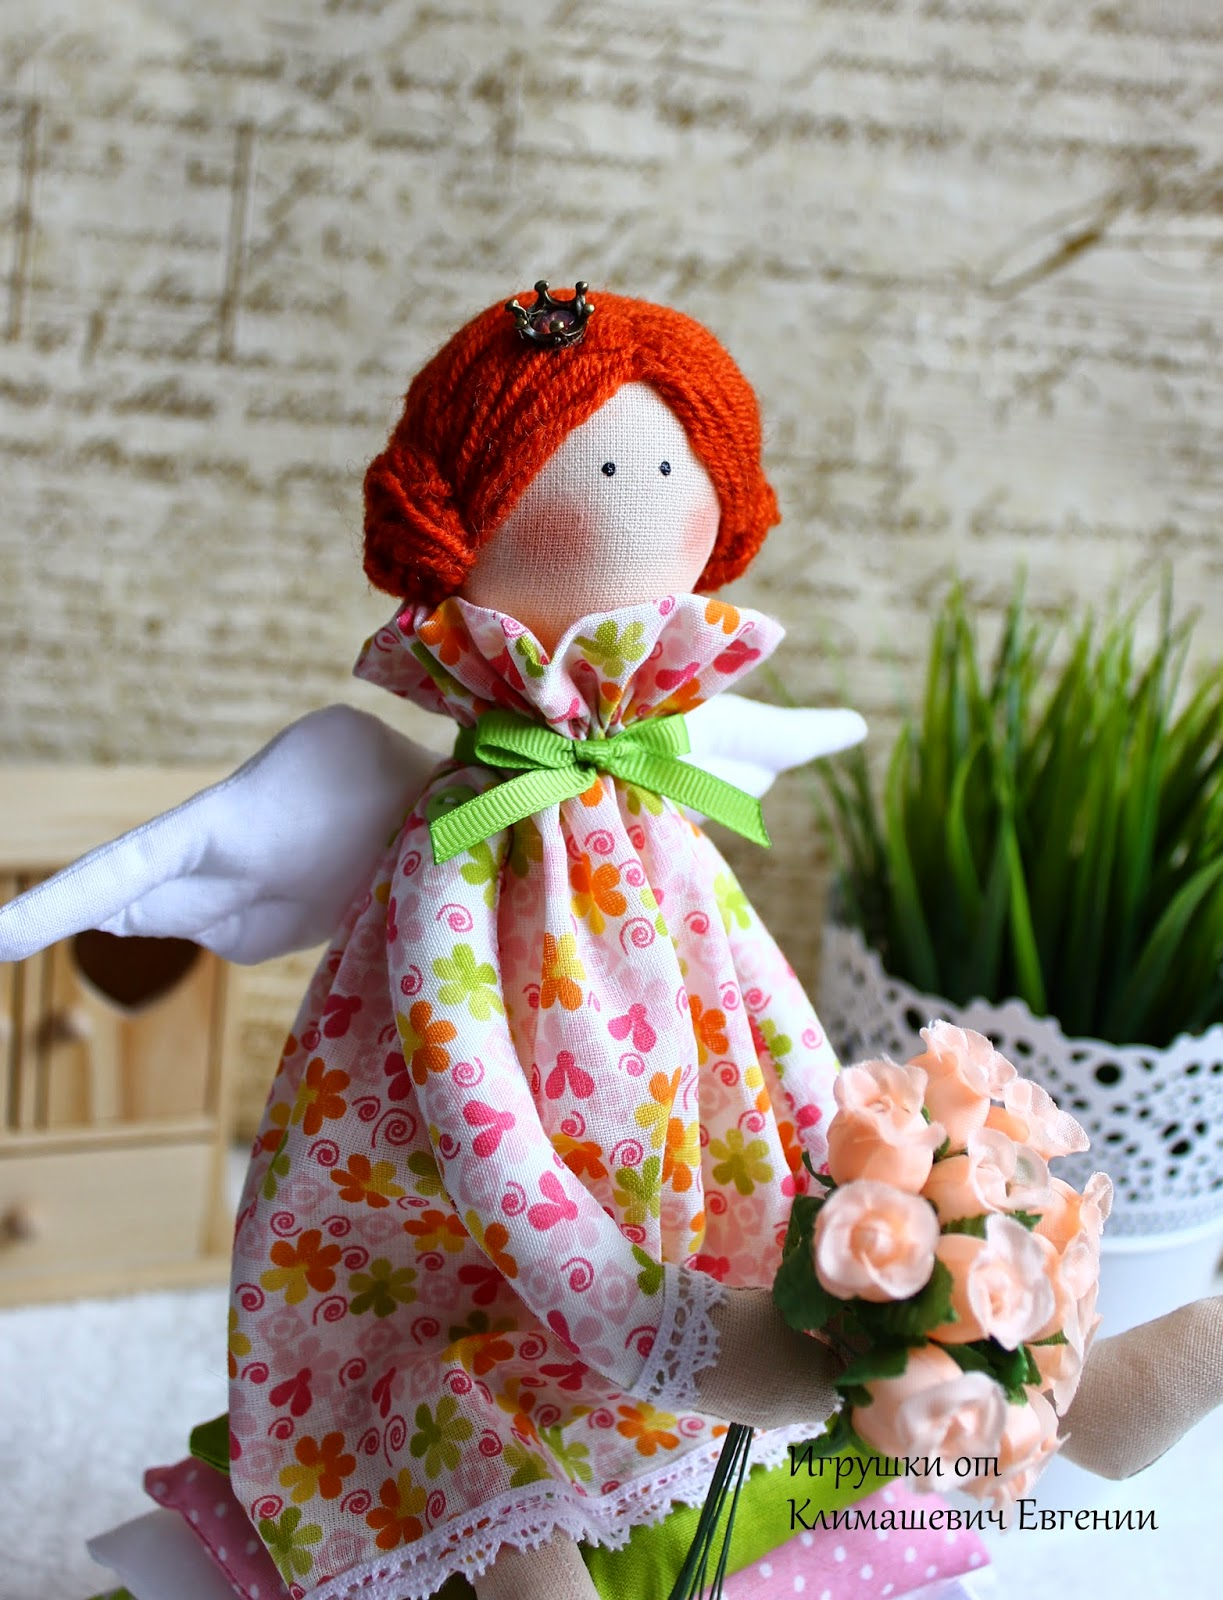 принцесса, принцесса на горошине, принцесса на горошине тильда, принцесса тильда, тильда, тильда ангел, тильда принцесса, кукла, кукла тильда, кукла принцесса, кукла текстильная, кукла интерьерная, кукить куклу, купить игрушку, тильда своими руками, кукла своими руками,